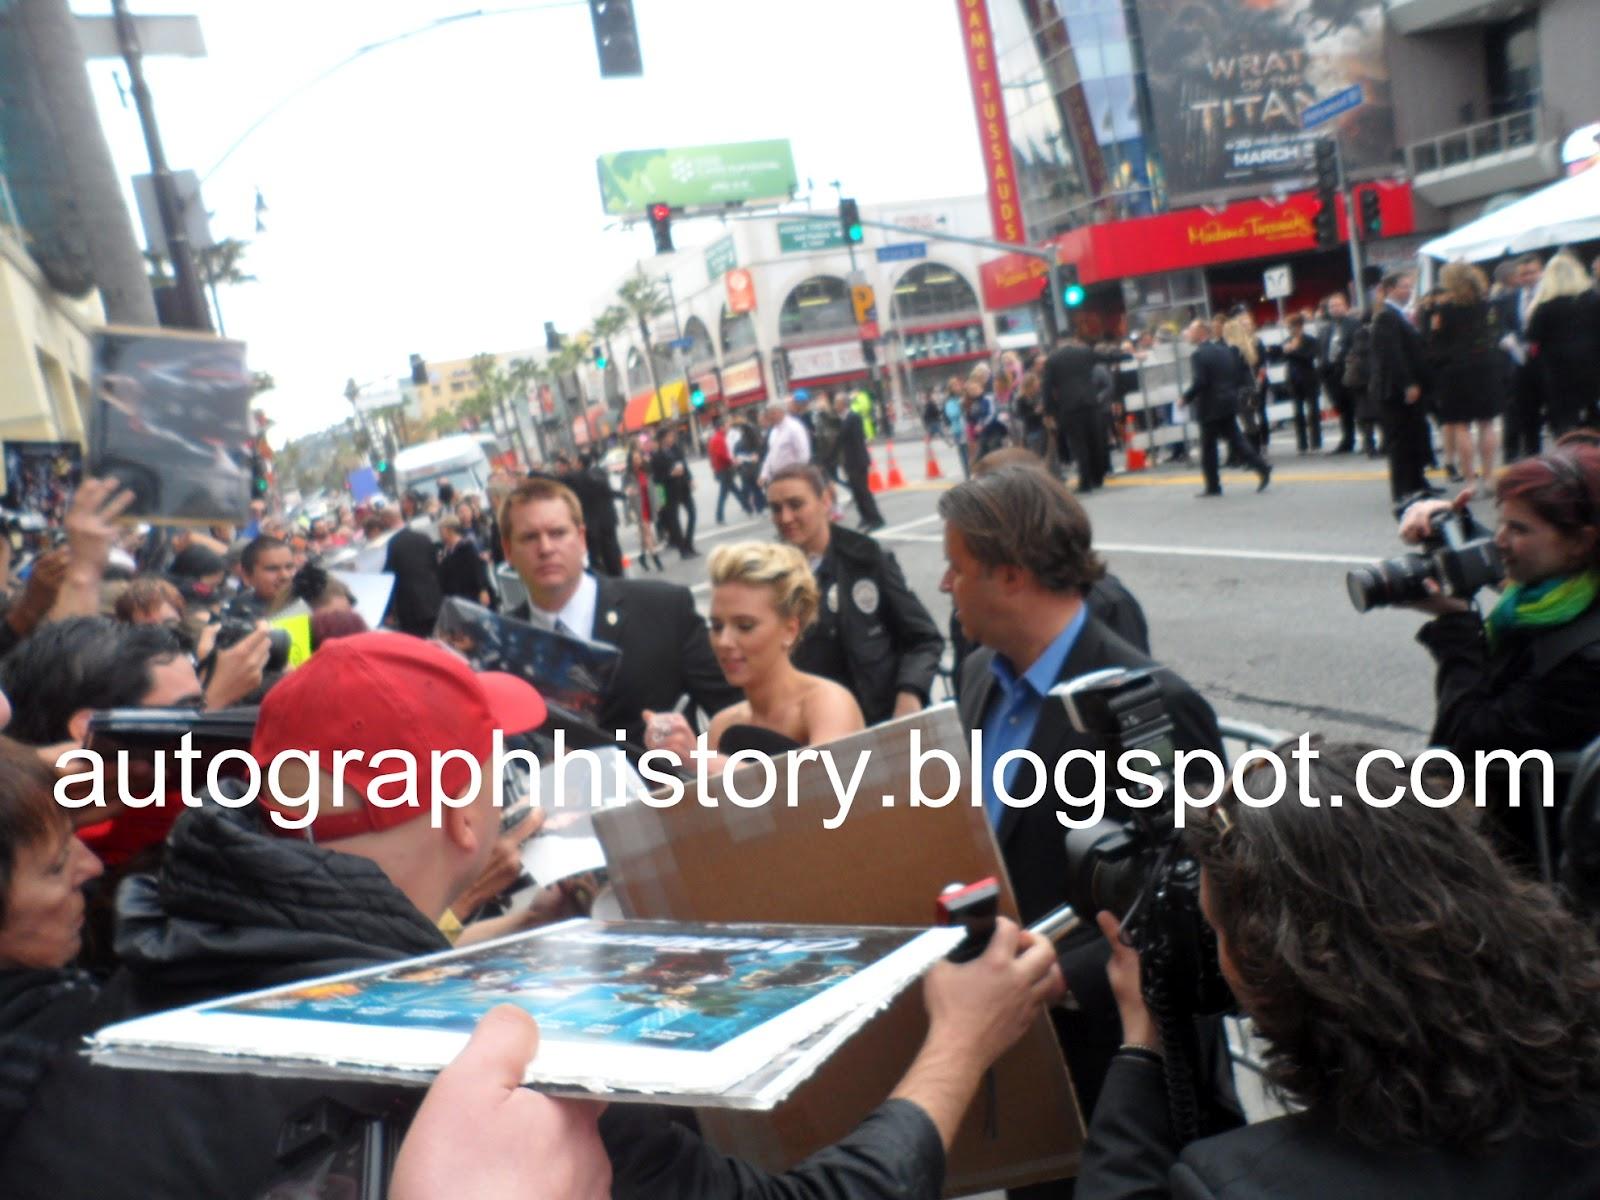 http://4.bp.blogspot.com/-jc4YqJ6WvZI/T4n_rX_T29I/AAAAAAAAF8s/d1z3nLkvpDE/s1600/scarlett+johansson+1.JPG